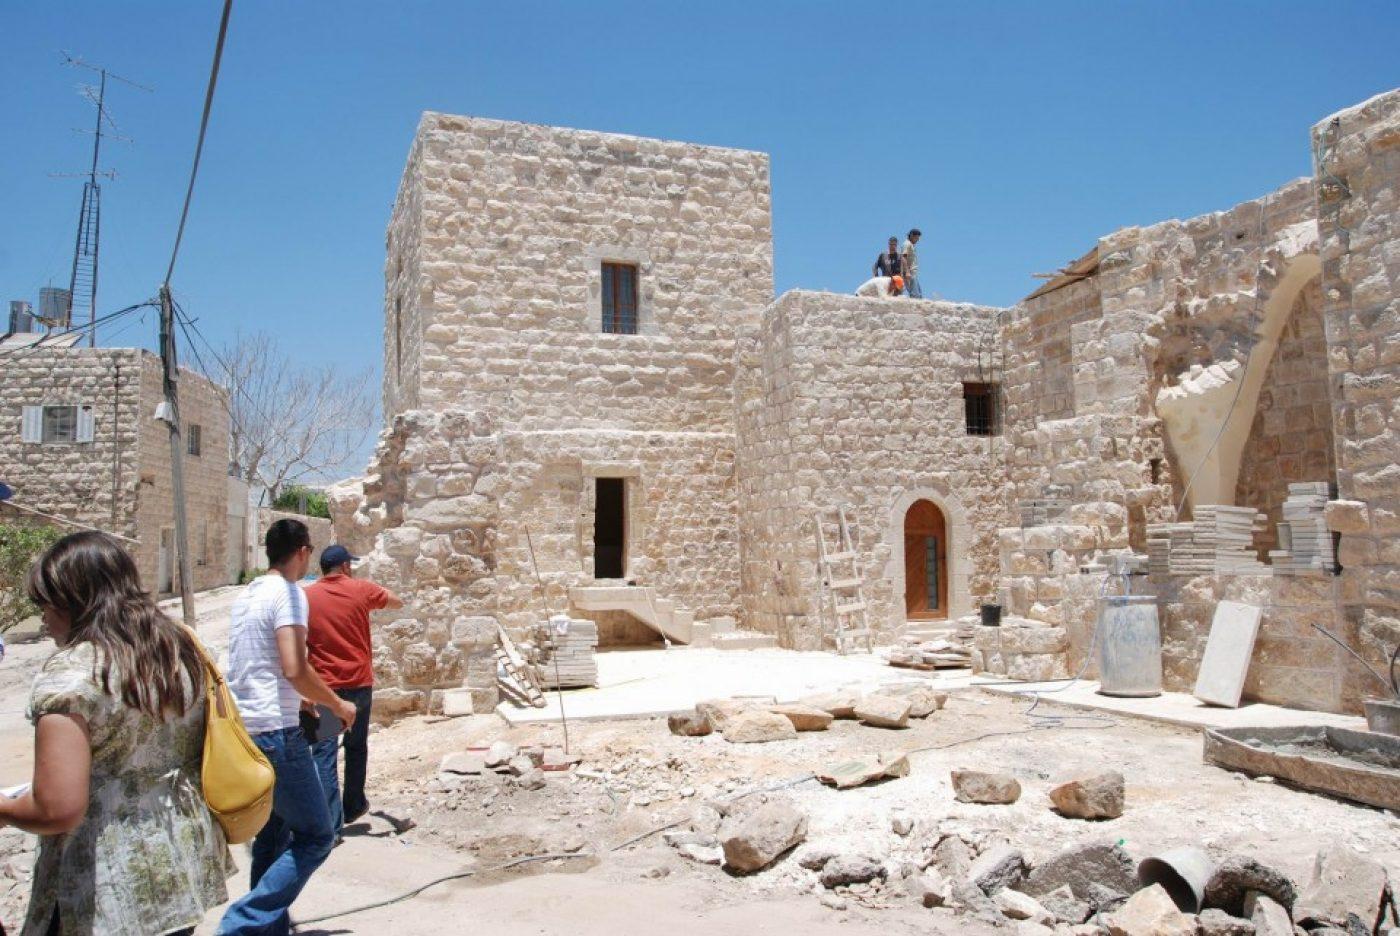 PALESTINE: Birzeit Rehabilitation Project